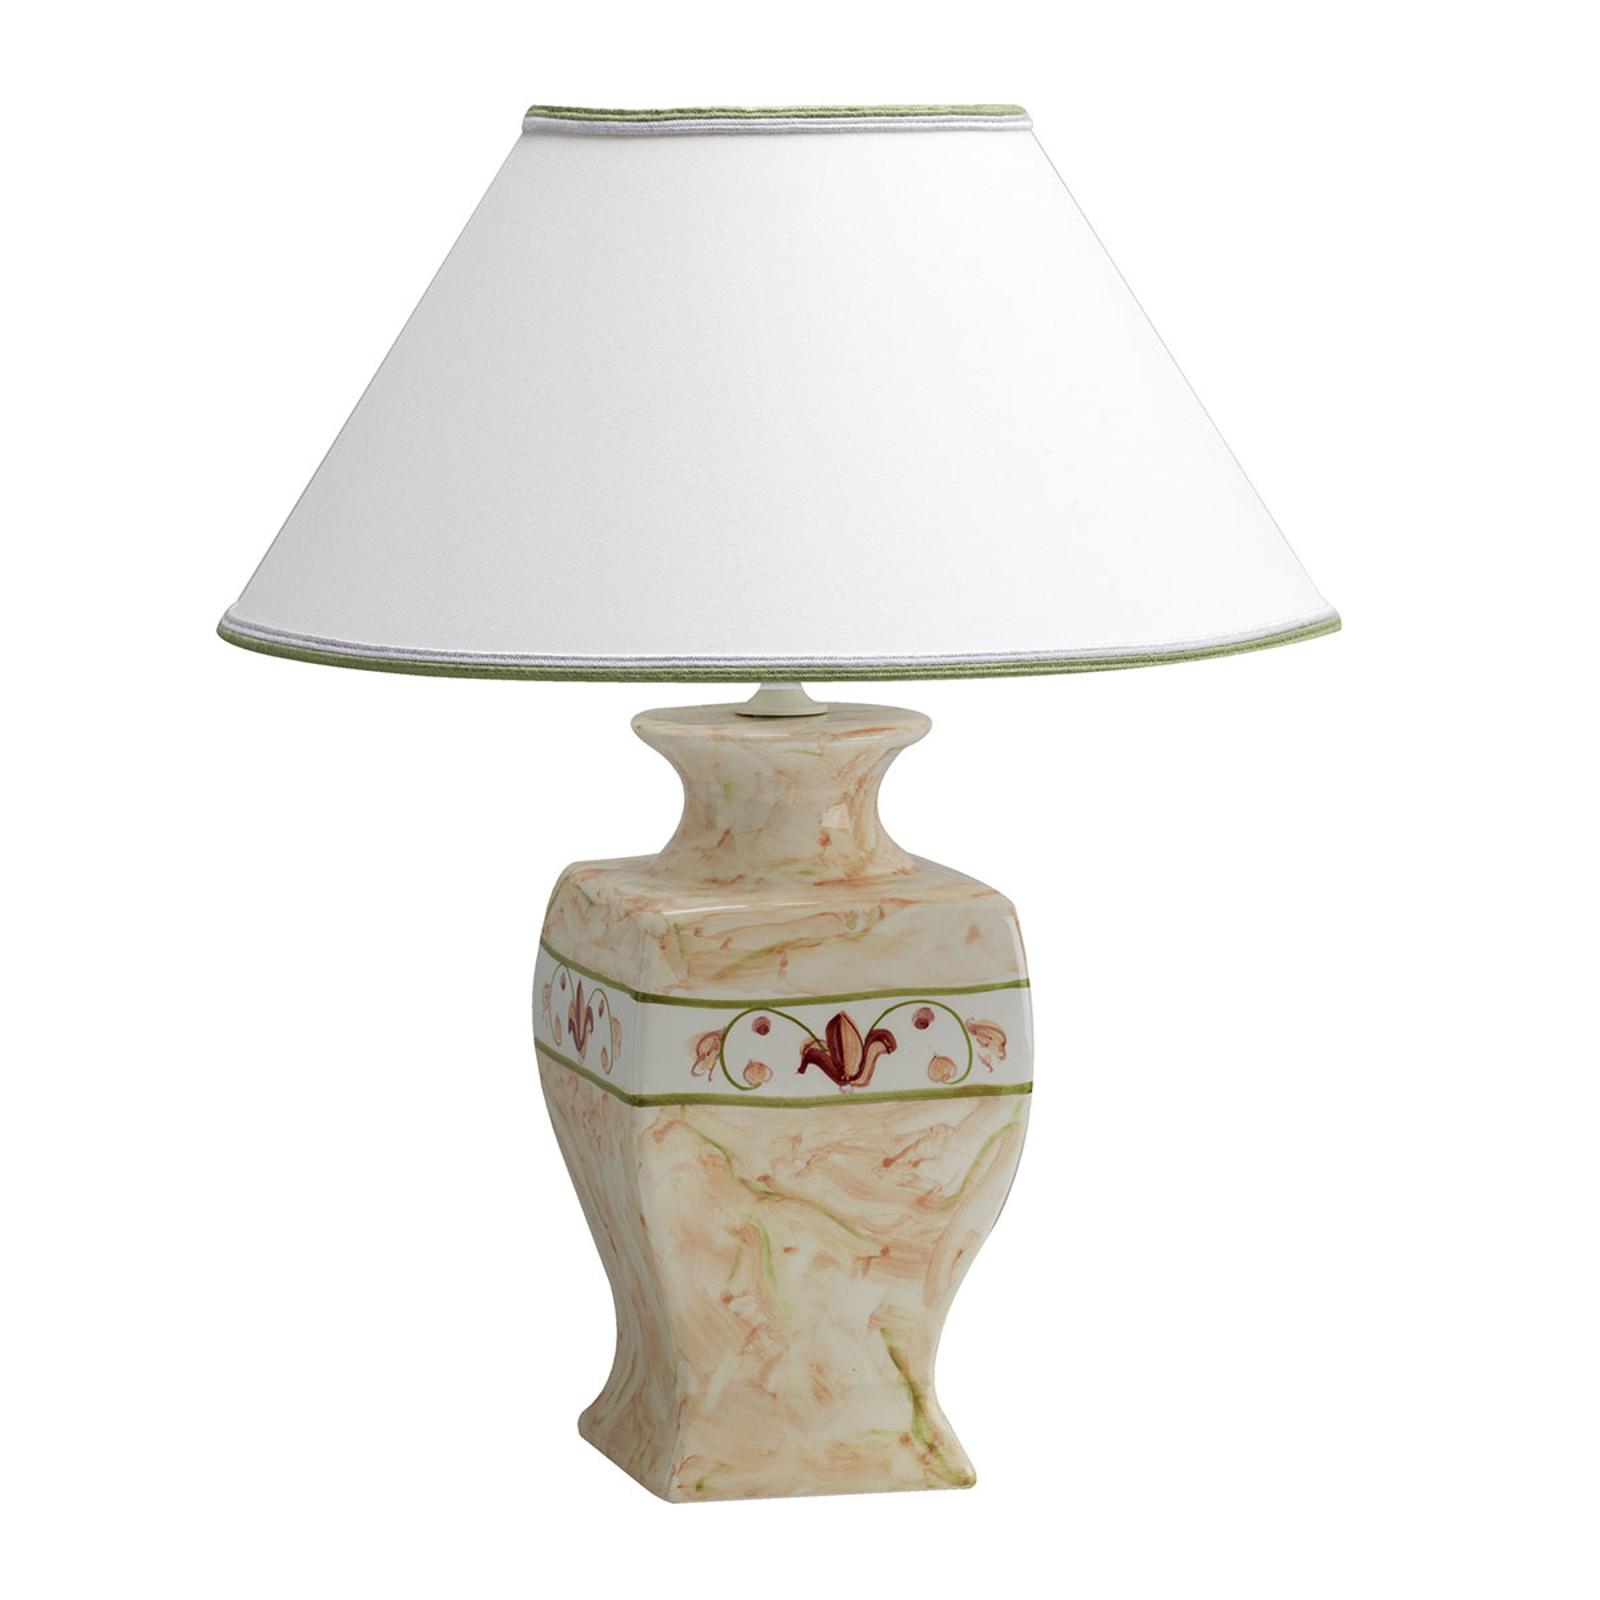 keramieken tafellamp Marmorino met textielkap